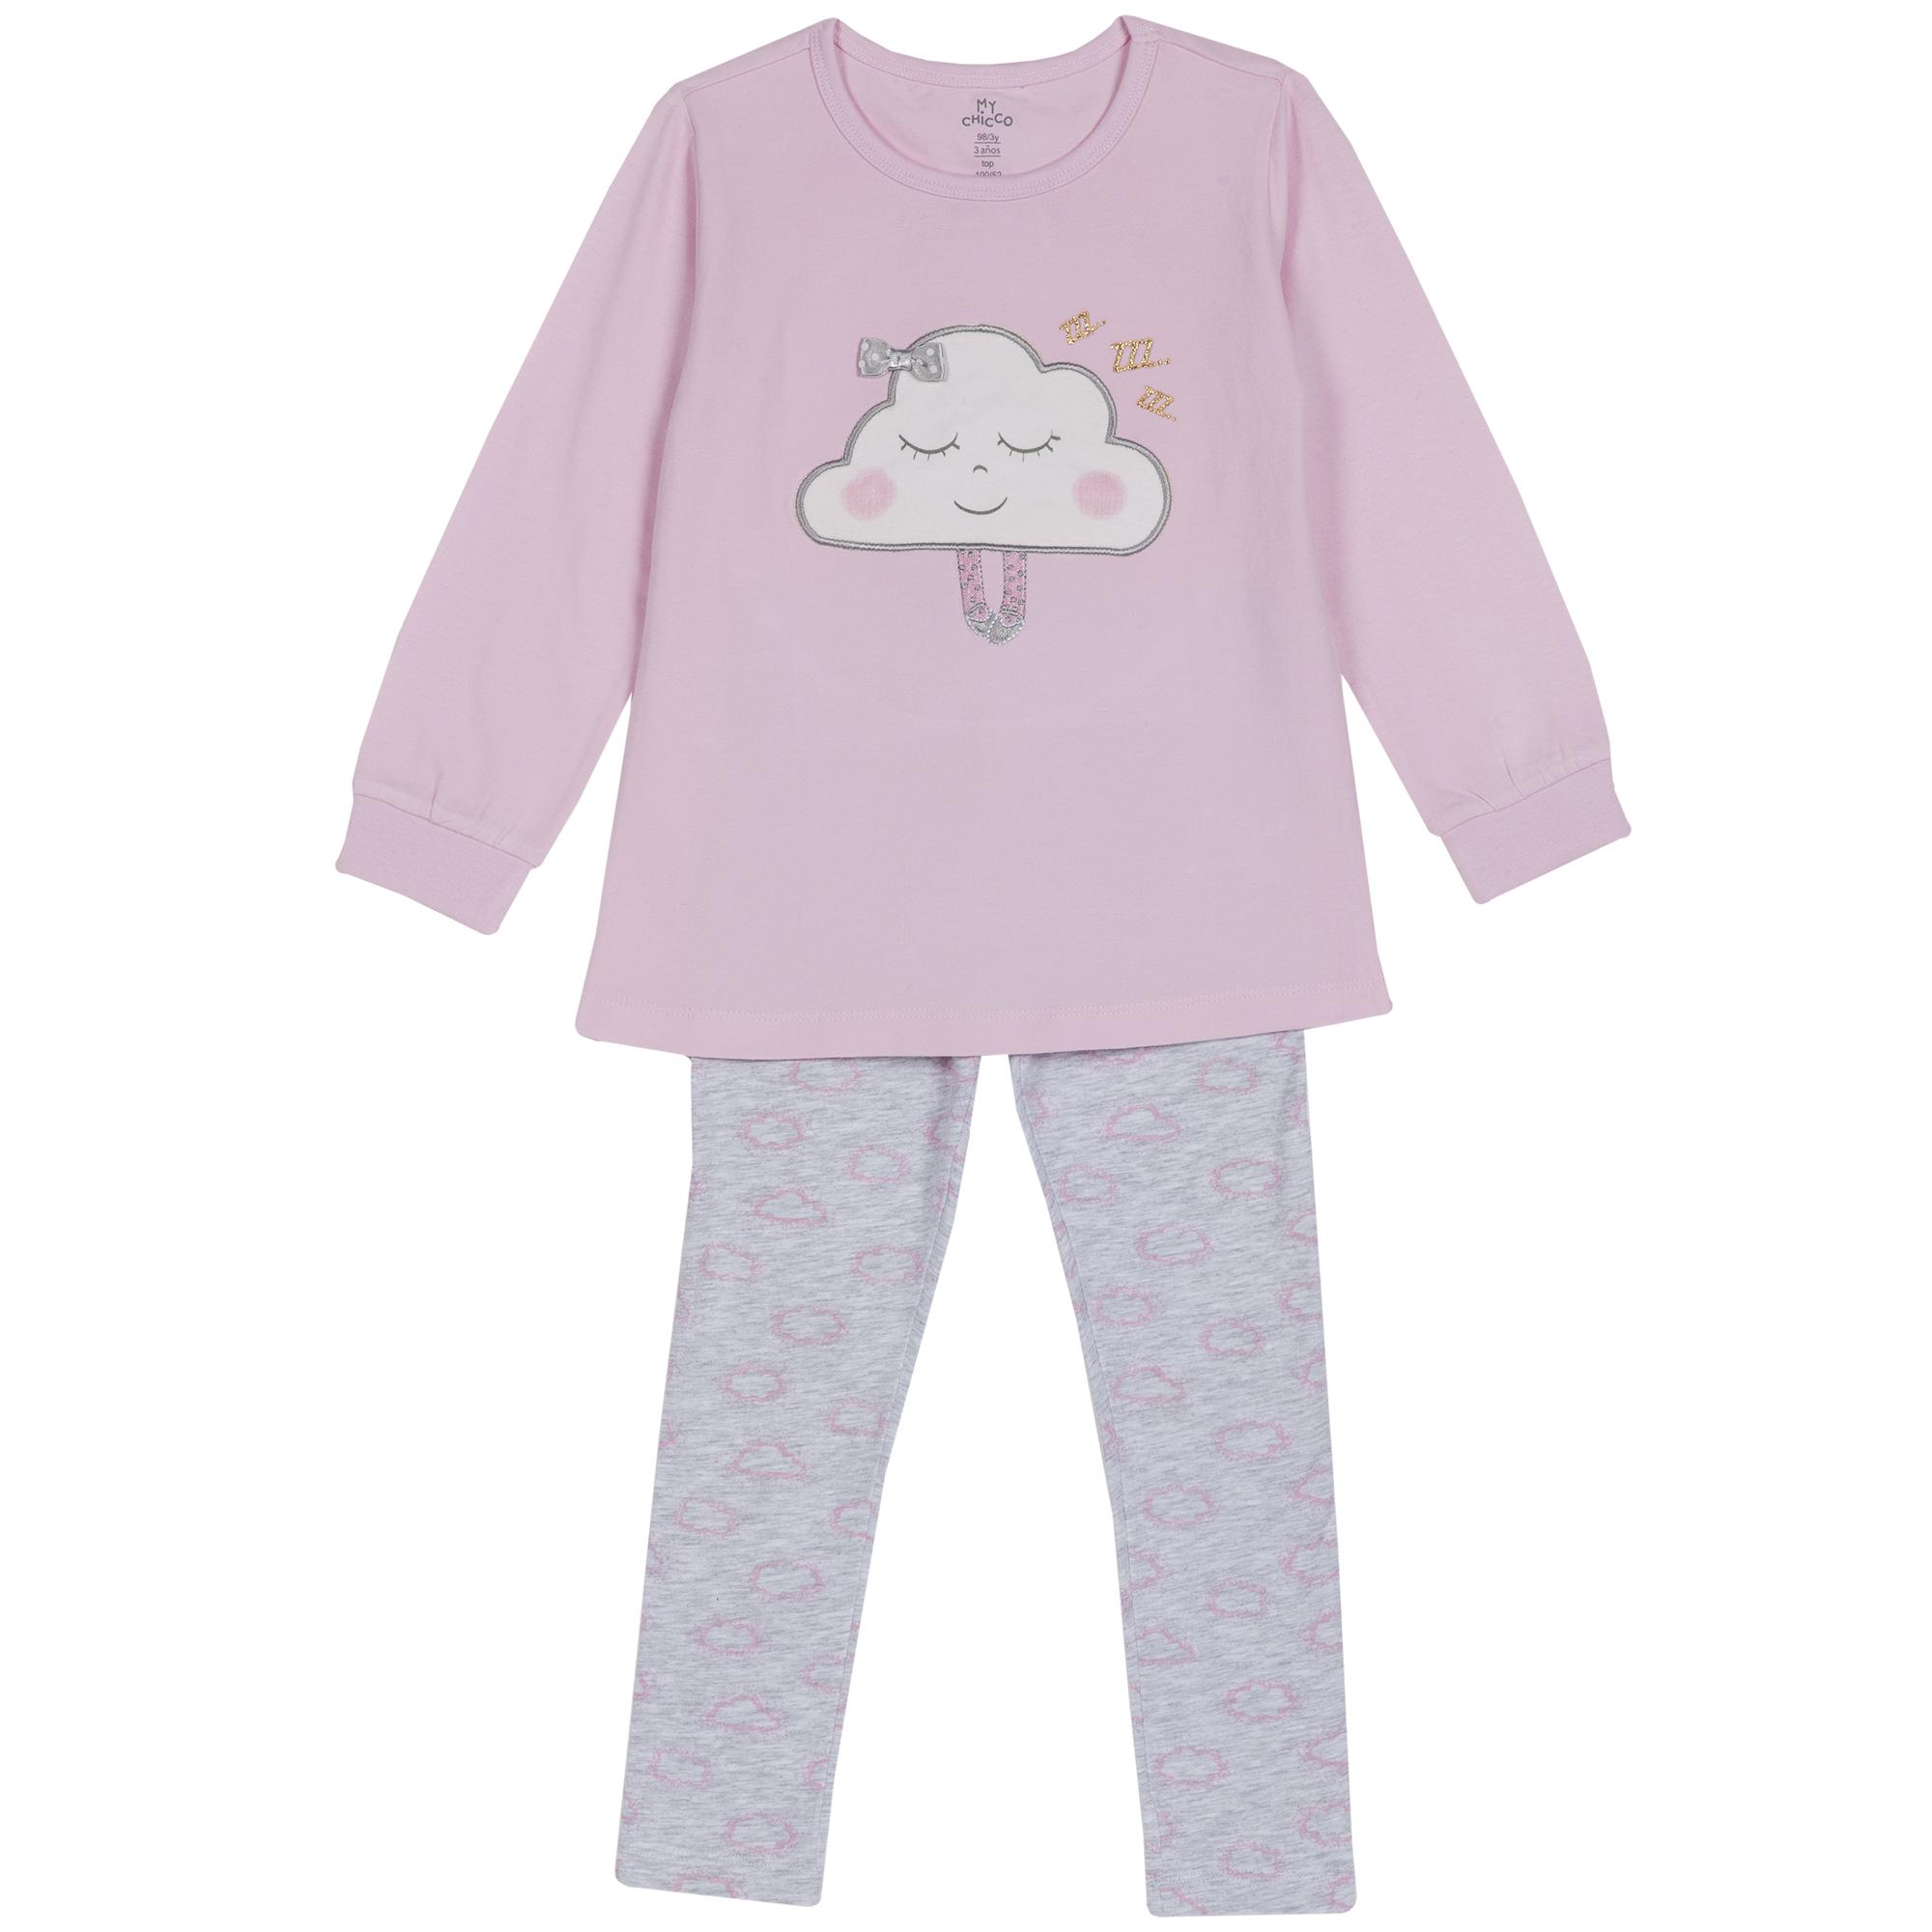 Pijama copii Chicco roz 104